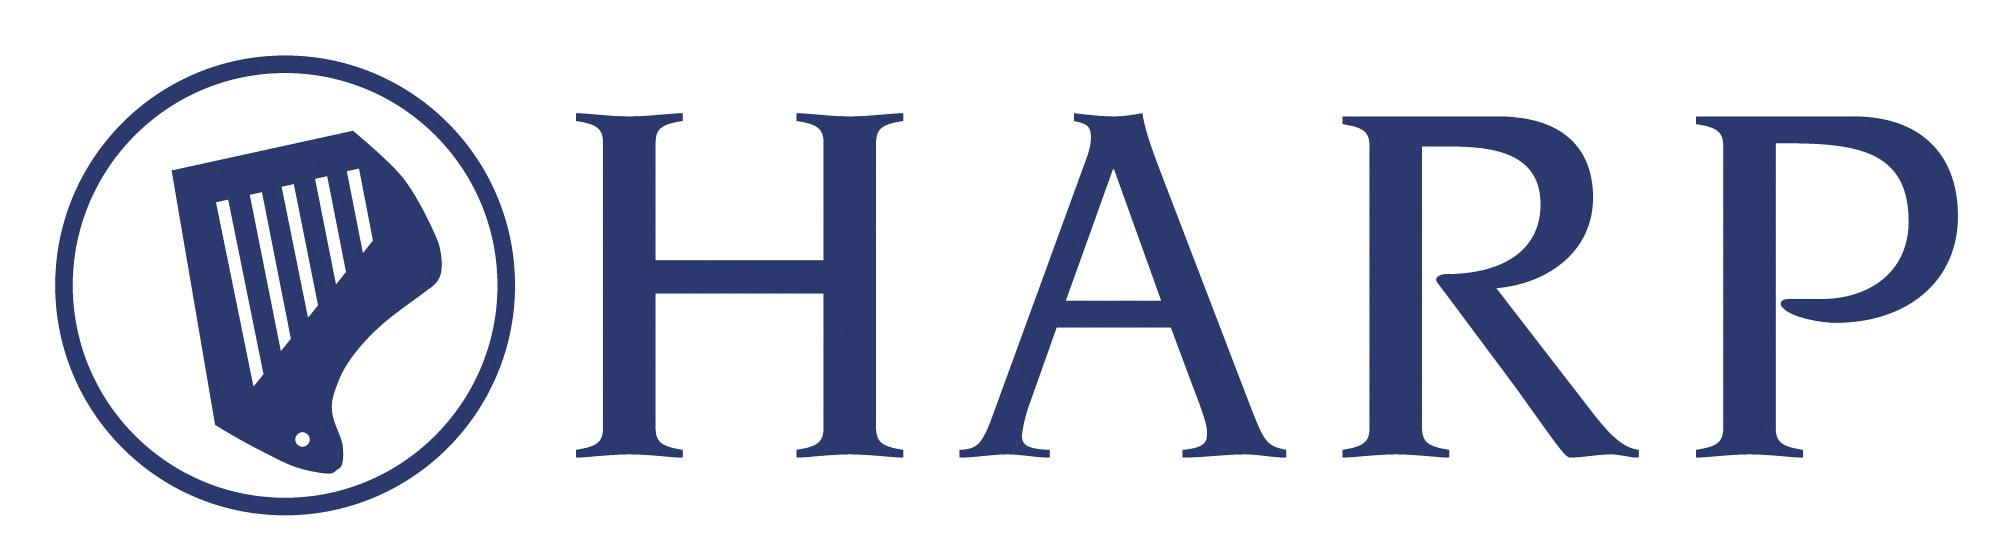 harp-logo-002_orig.jpg